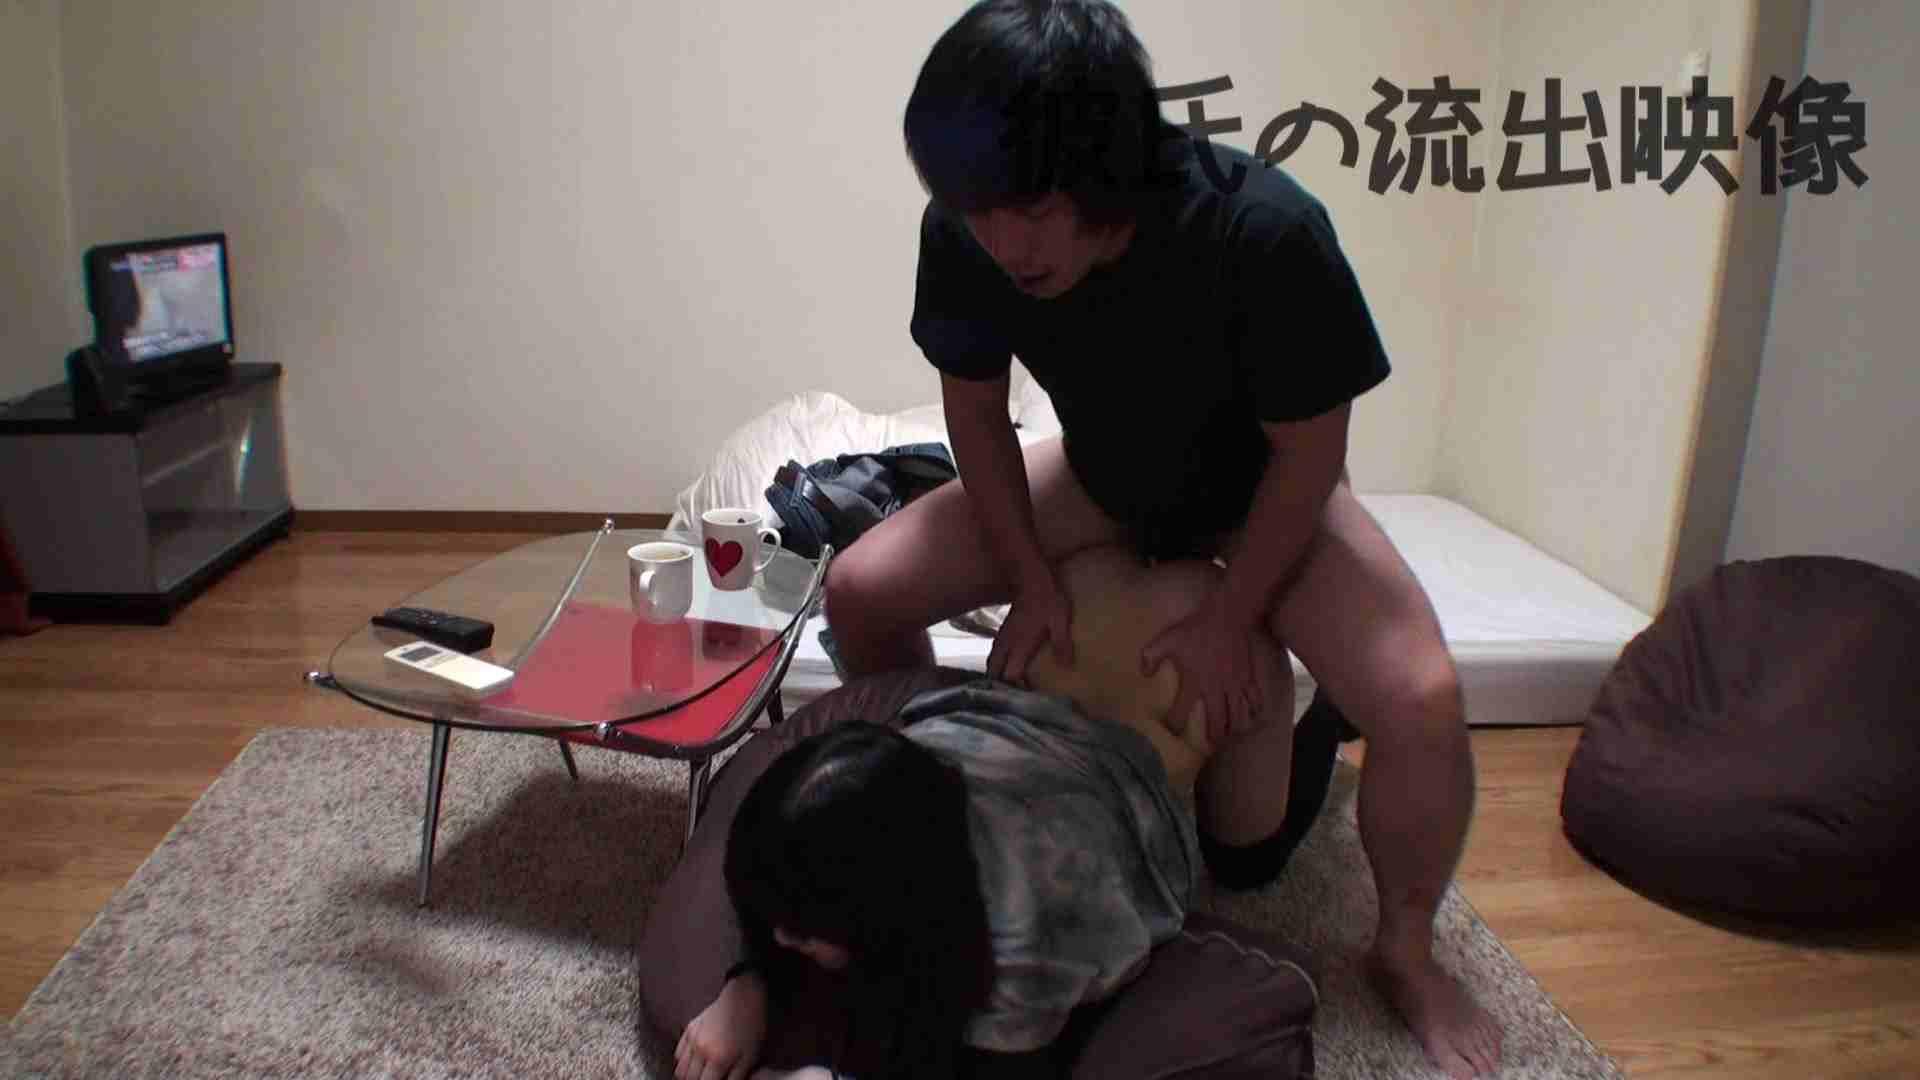 彼氏が流出 パイパン素人嬢のハメ撮り映像02 中出し おまんこ動画流出 95枚 83